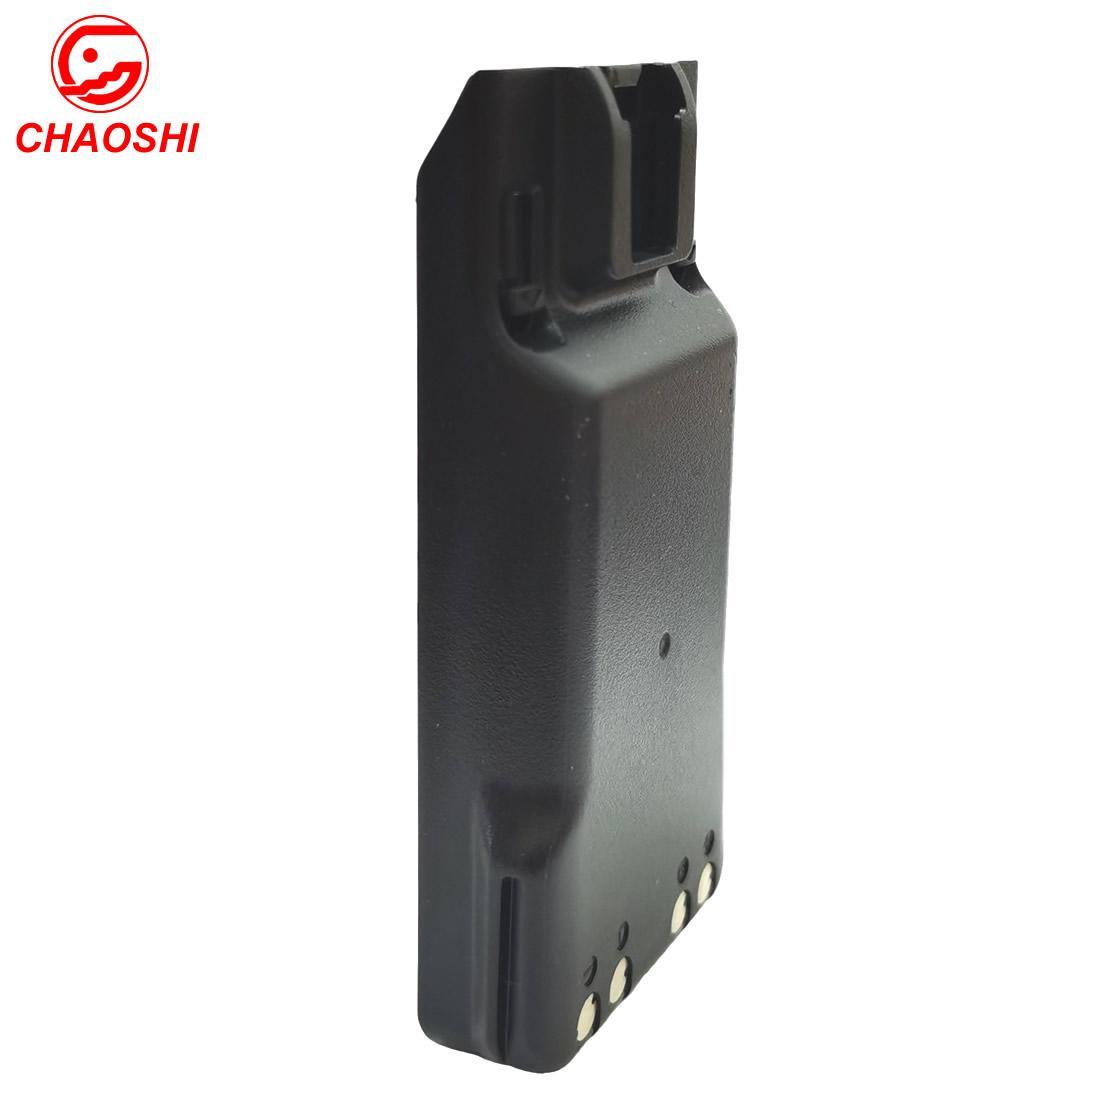 IC-V88對講機電池BP-280 3